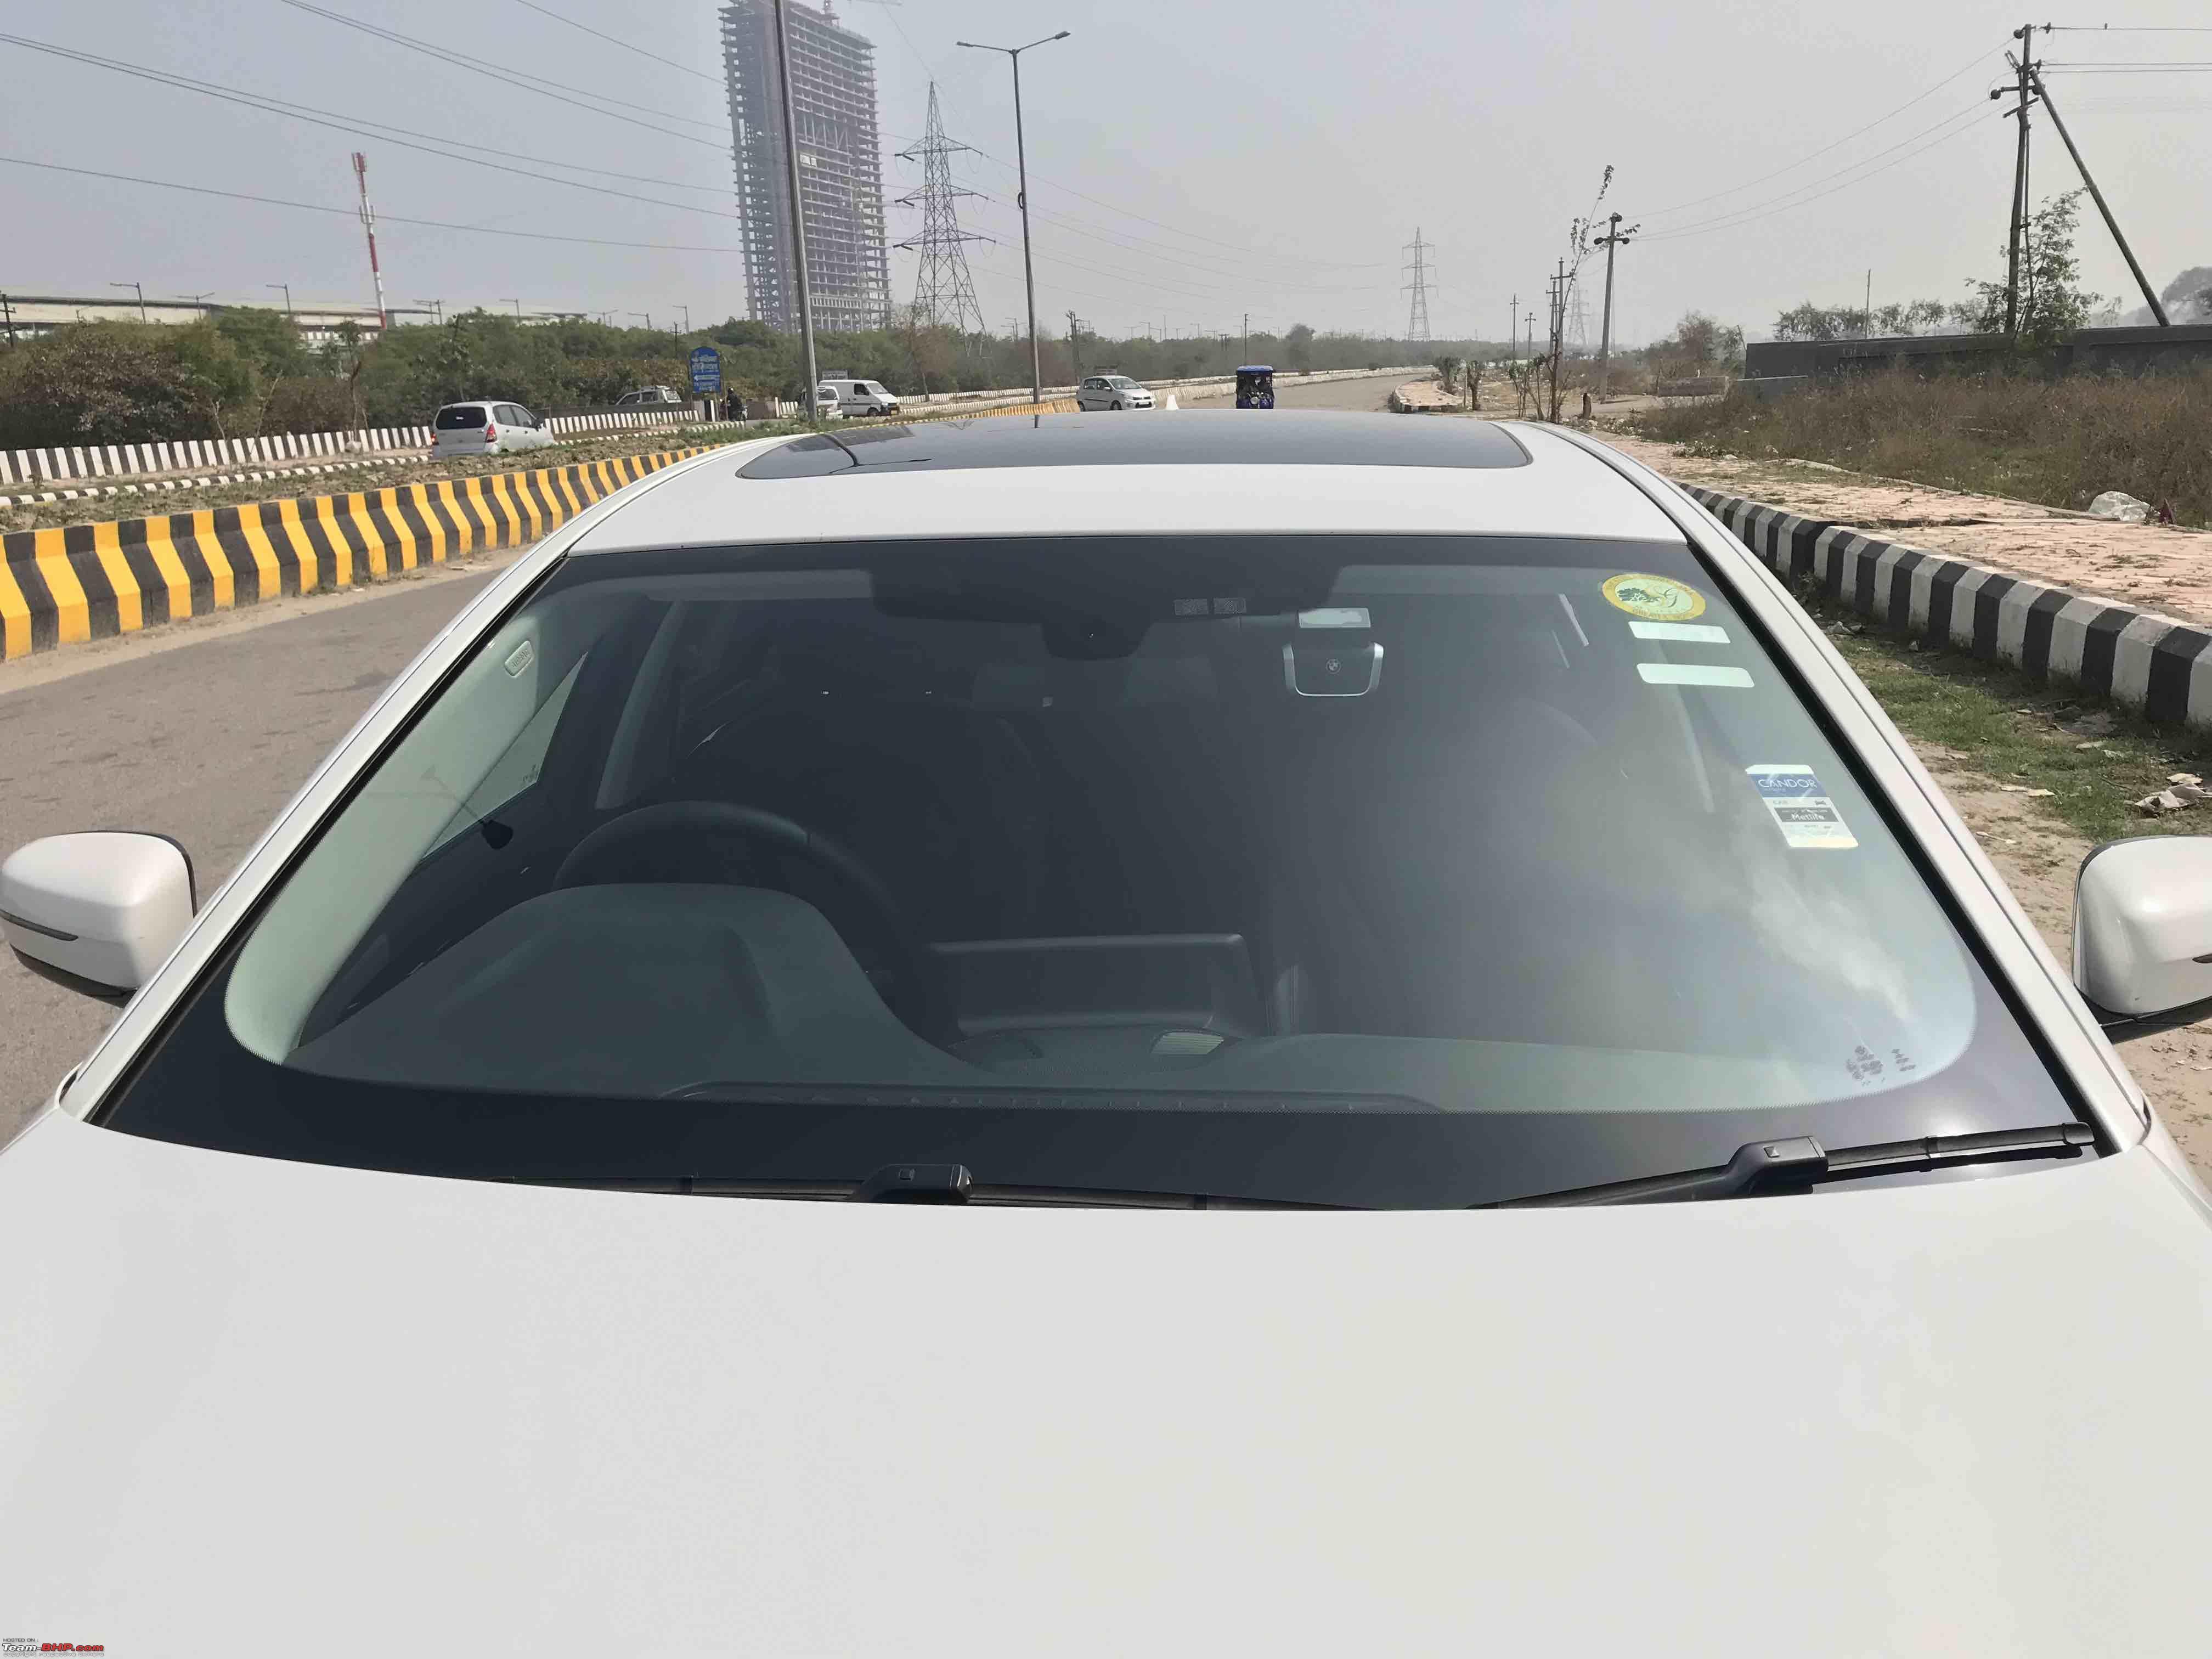 BMW Advanced Car Eye 2 0! Radar-based in-car surveillance system to